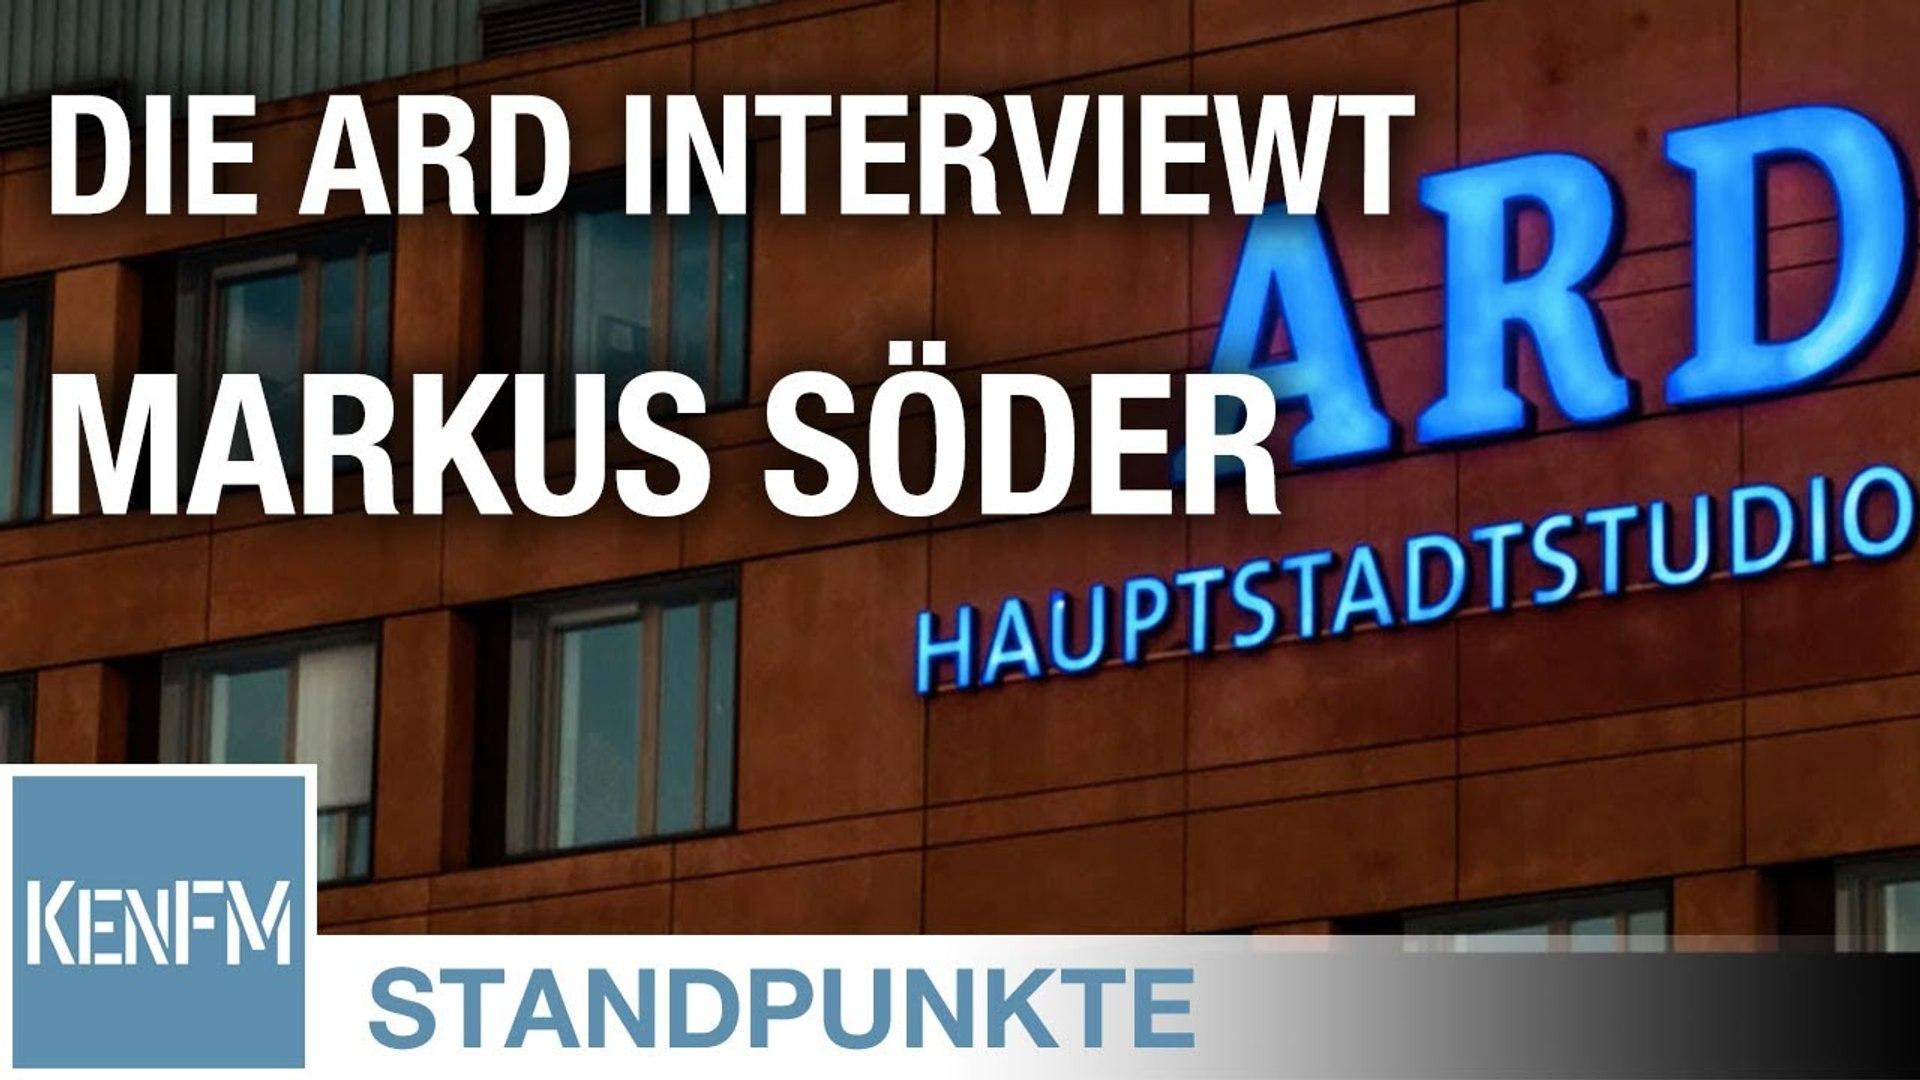 STANDPUNKTE • Die ARD interviewt Markus Söder – ein Schandfleck auf dem deutschen Journalismus